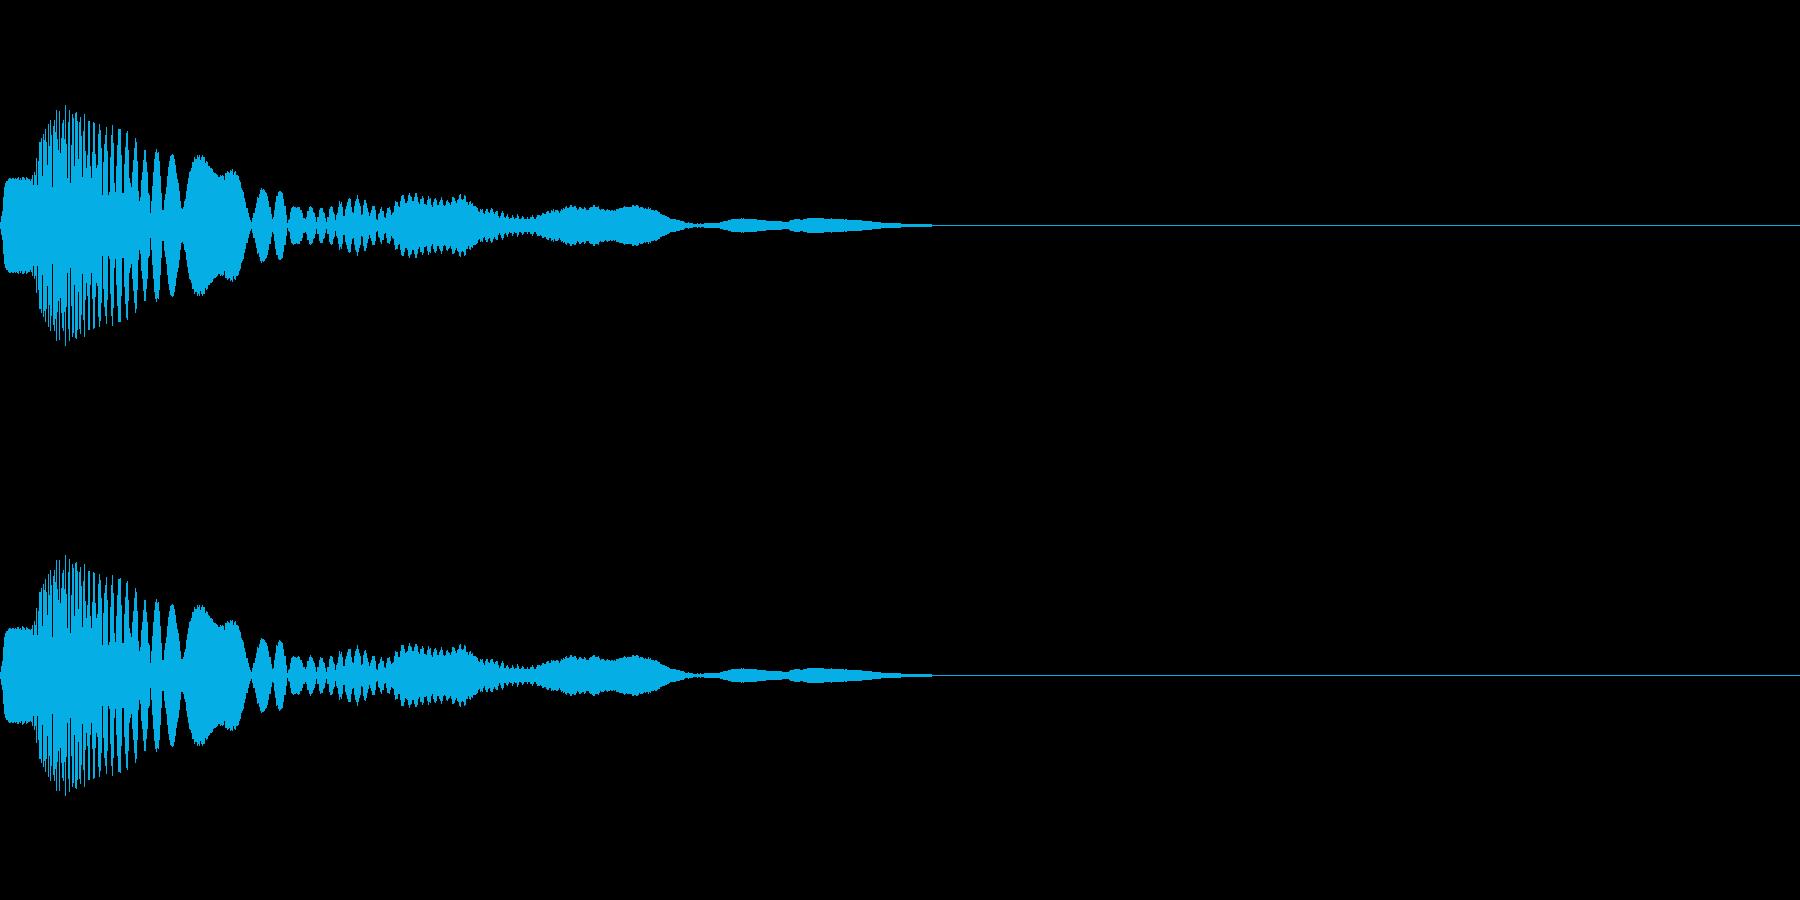 アイコン出現(ポッ/ポン!)の再生済みの波形